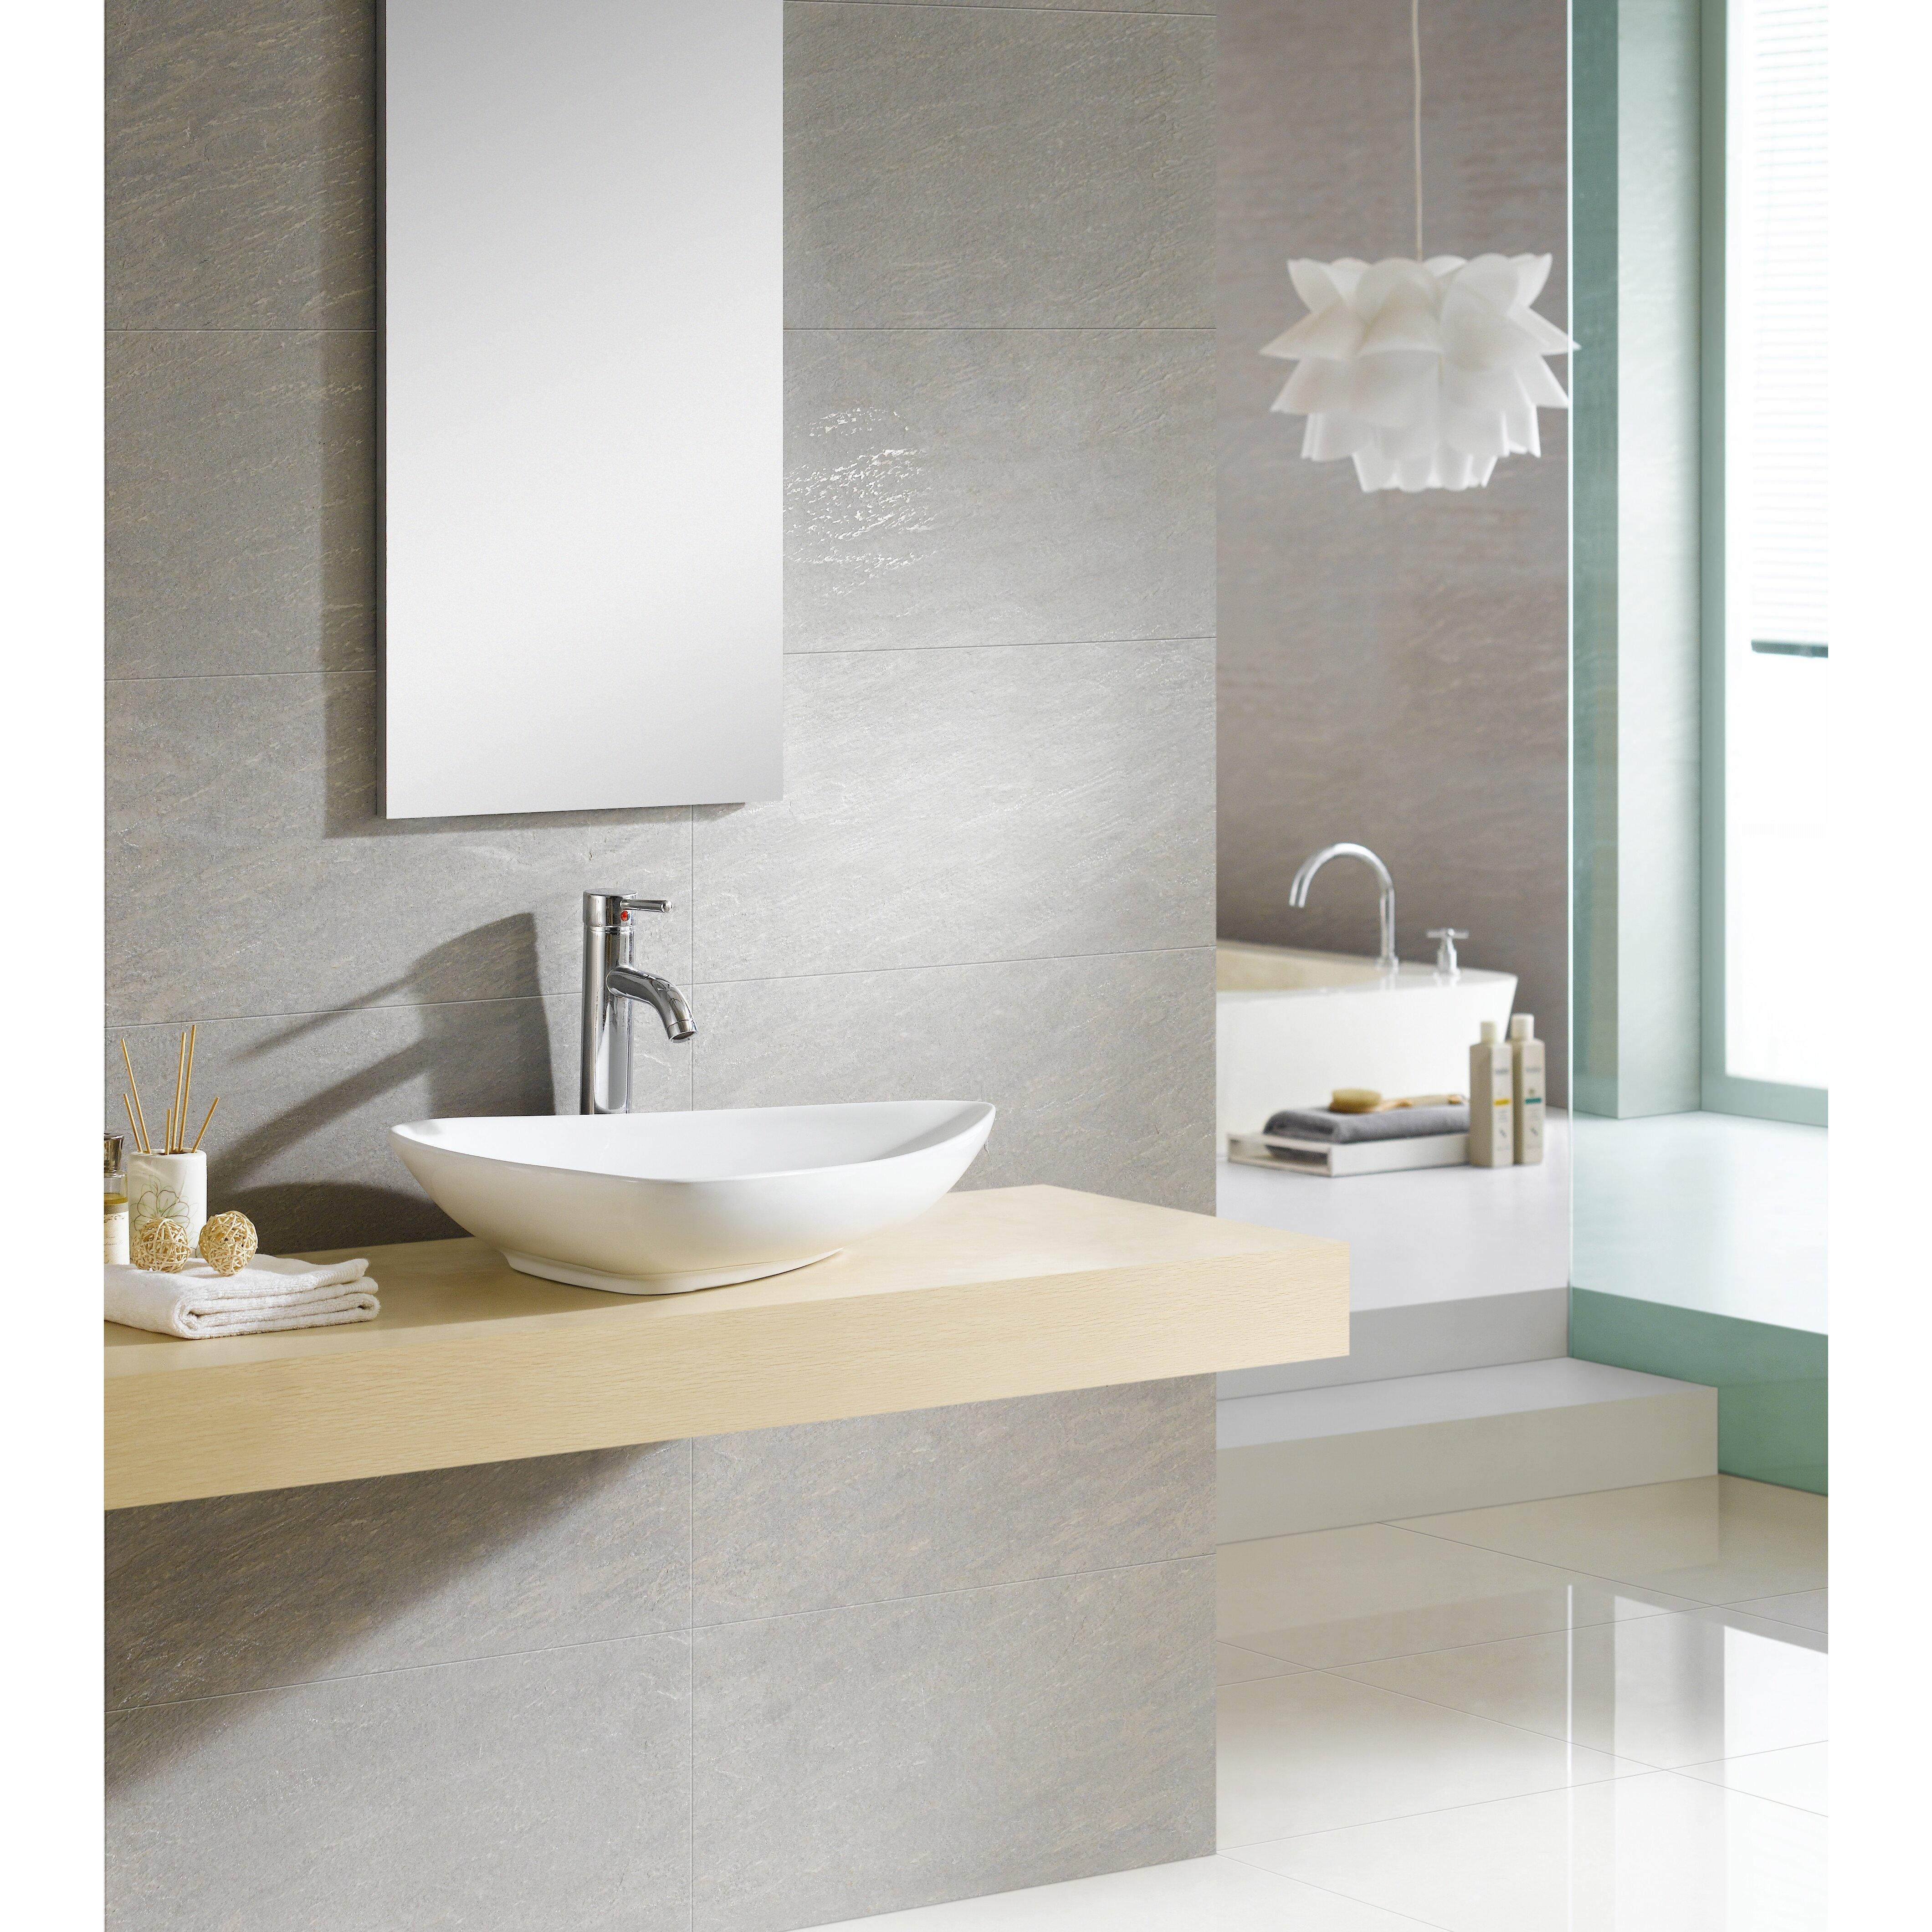 Fine Fixtures Modern Vitreous Triangular Vessel Sink Vessel Bathroom Sink. Fine Fixtures Modern Vitreous Triangular Vessel Sink Vessel